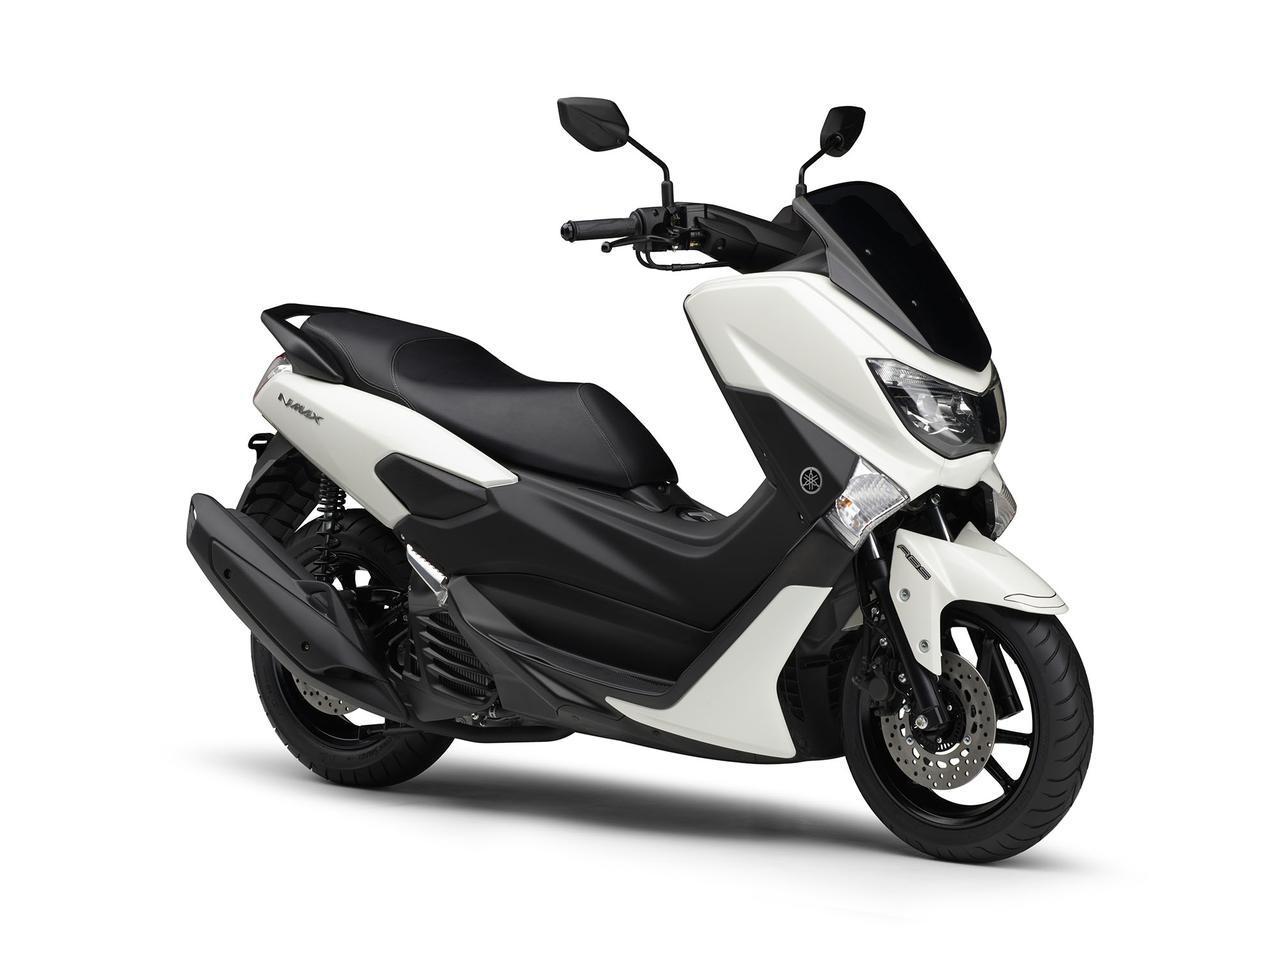 画像: ヤマハの「NMAX ABS」2019年モデル情報 - webオートバイ